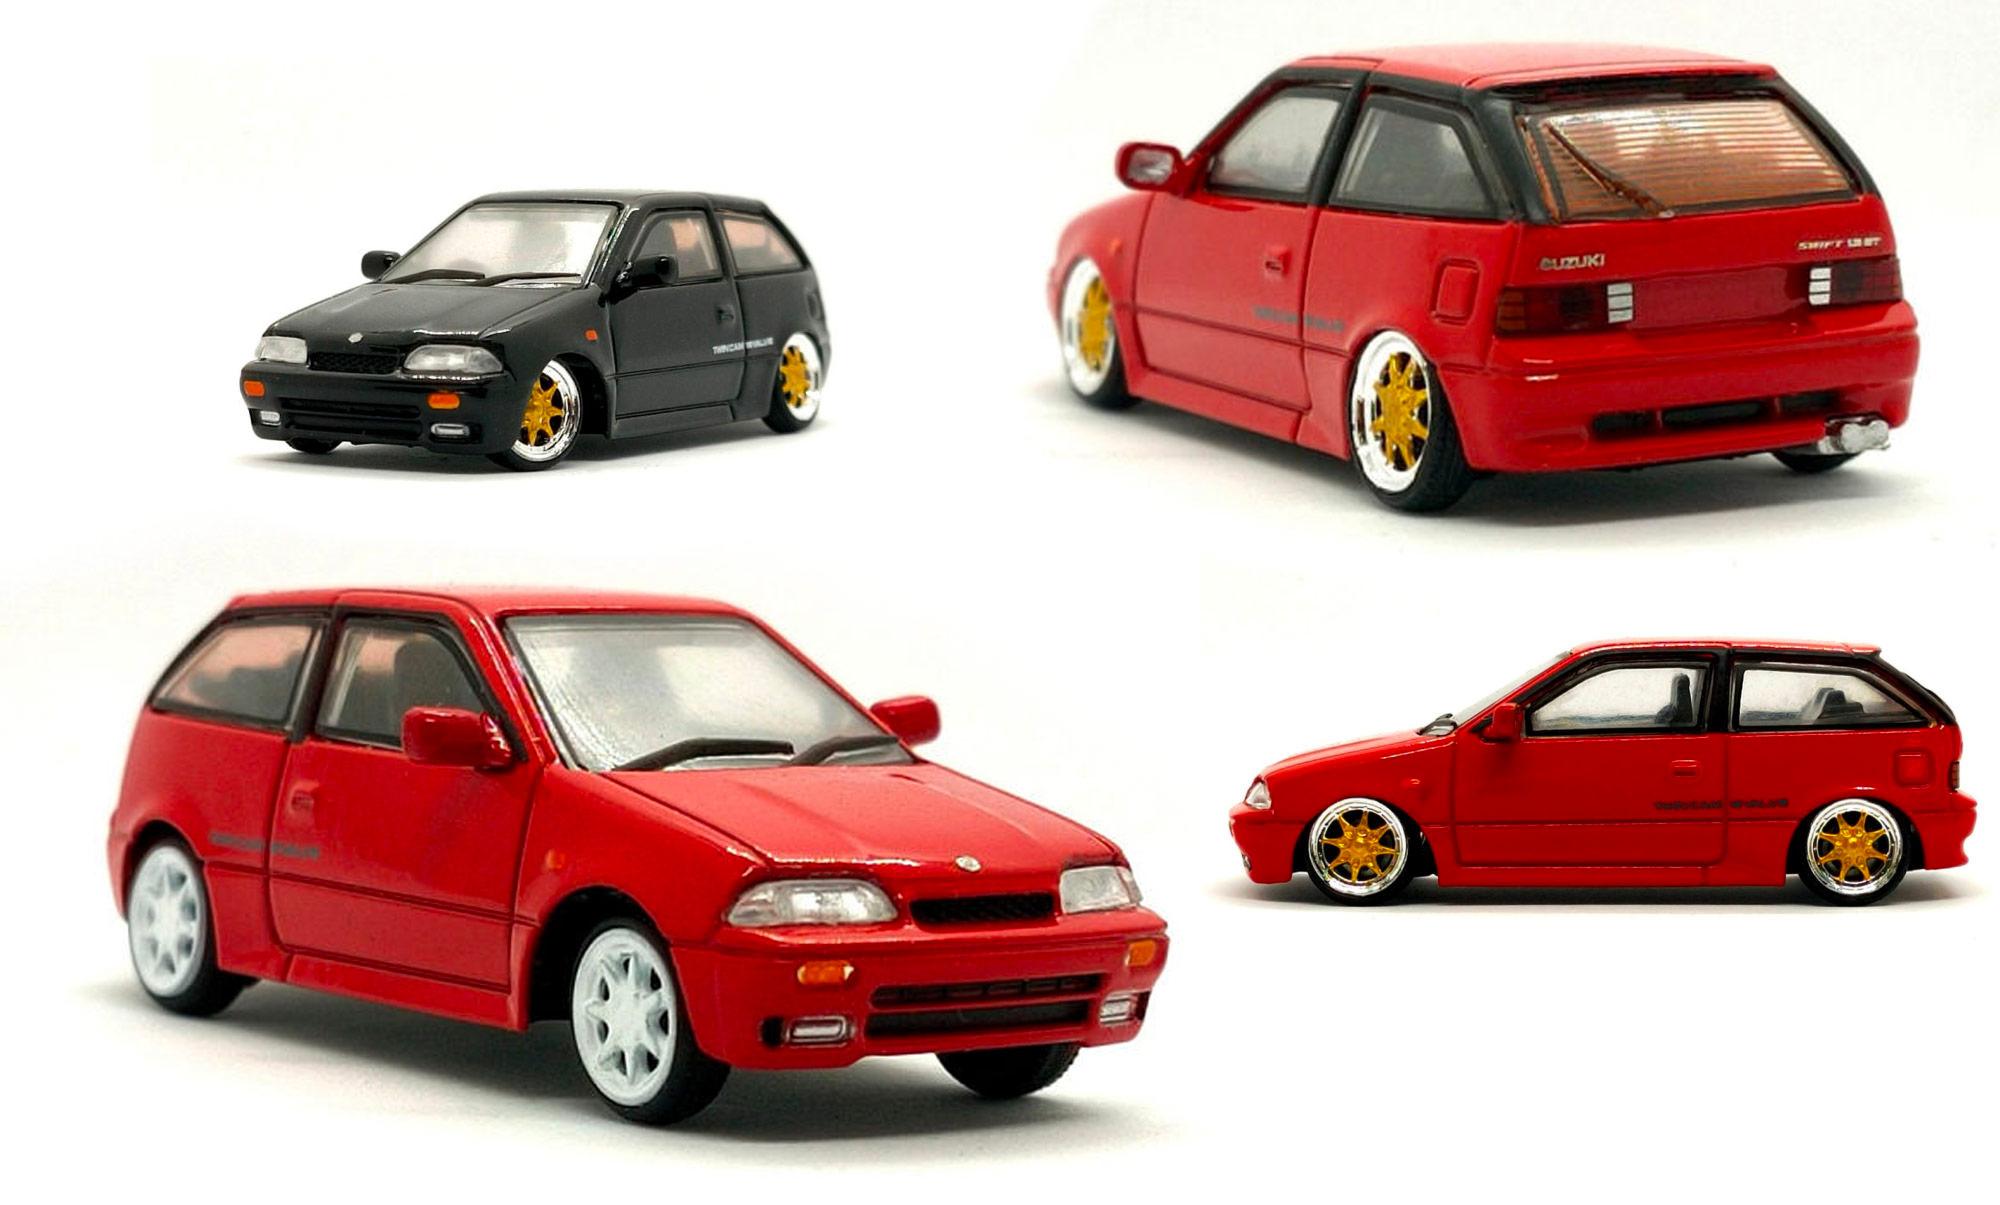 1/64 Suzuki Swift 1989 - BM Creations